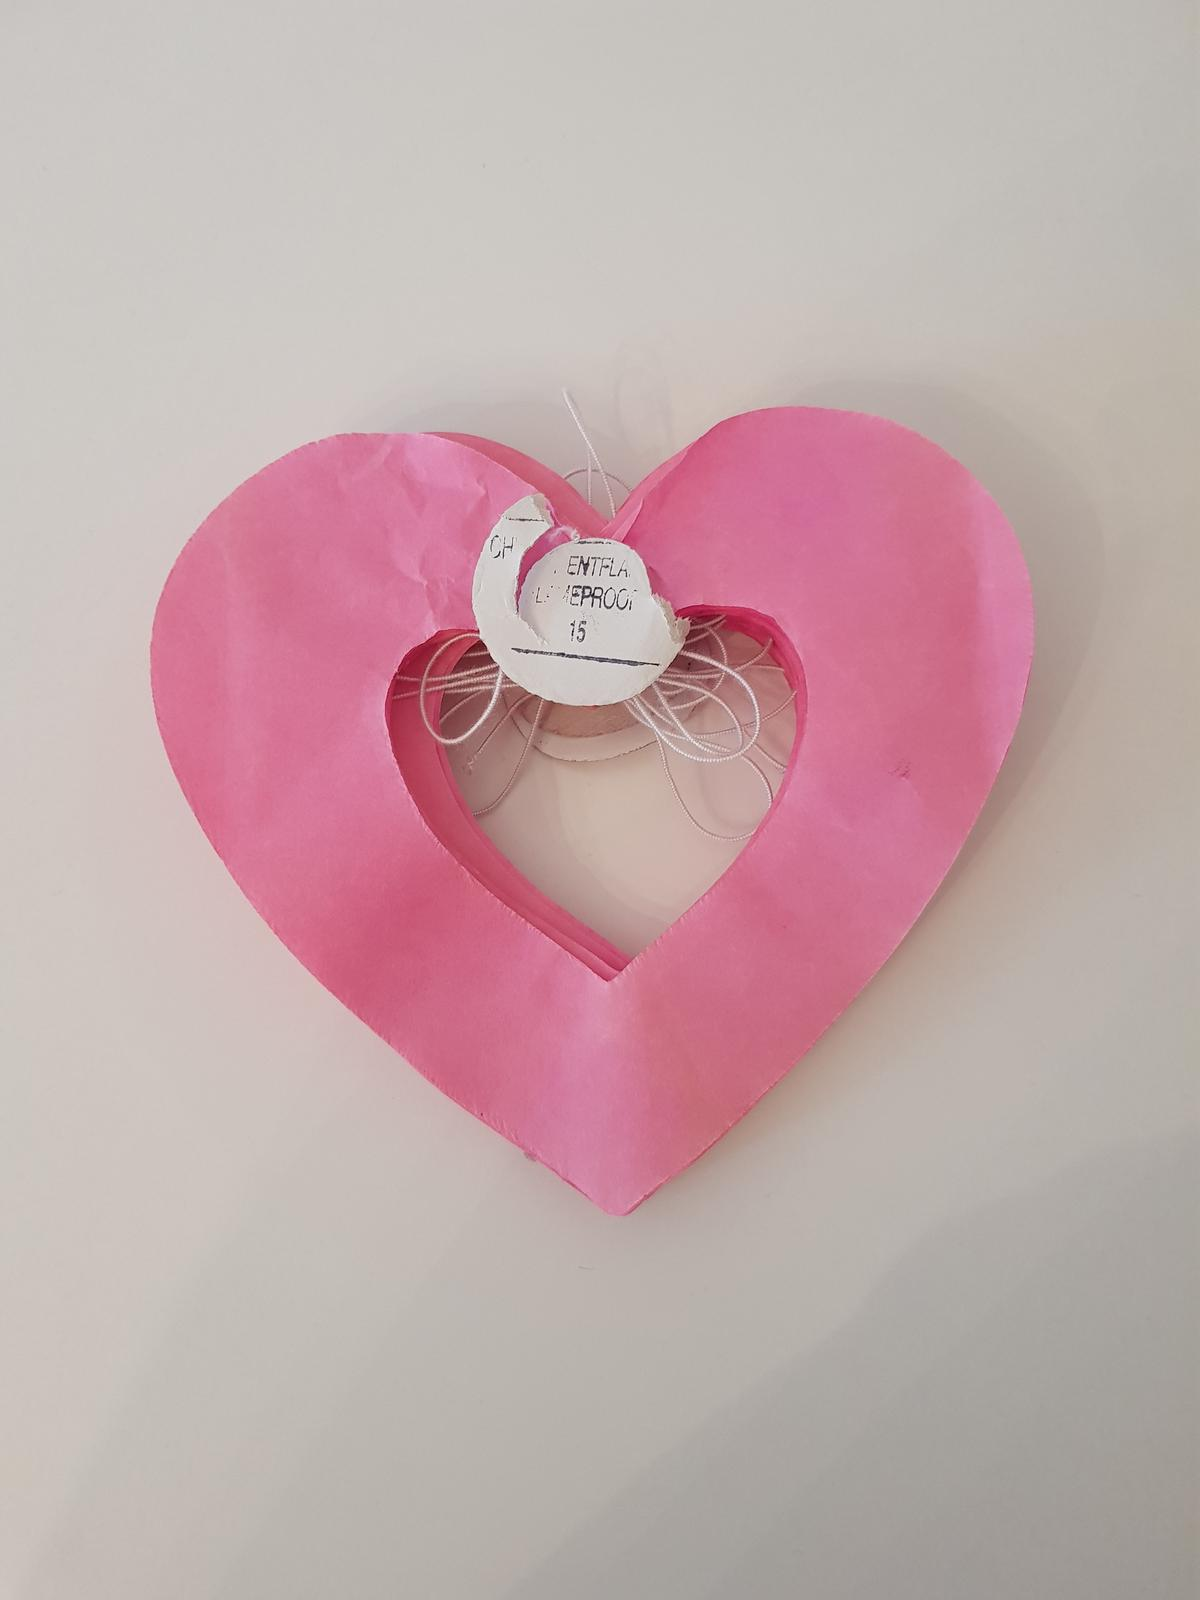 Girlanda srdce 3m - Obrázok č. 2